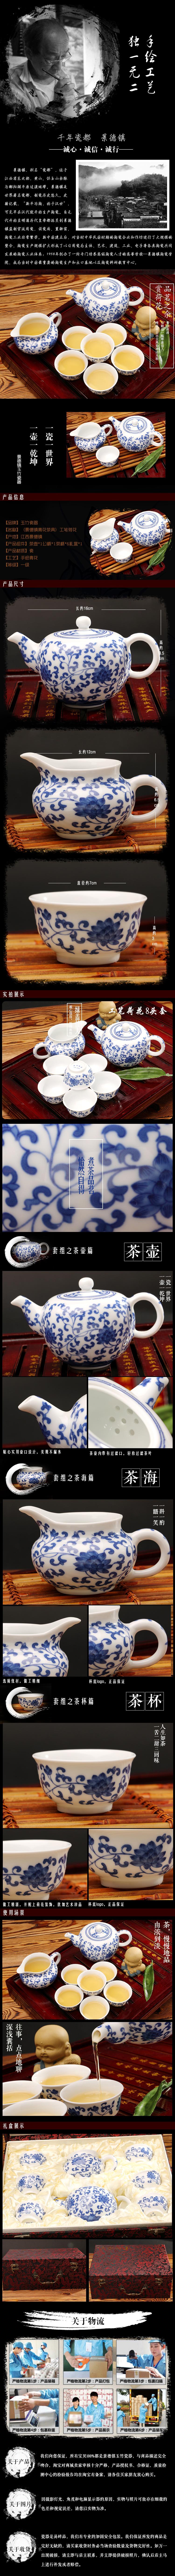 手绘青花景德镇茶具